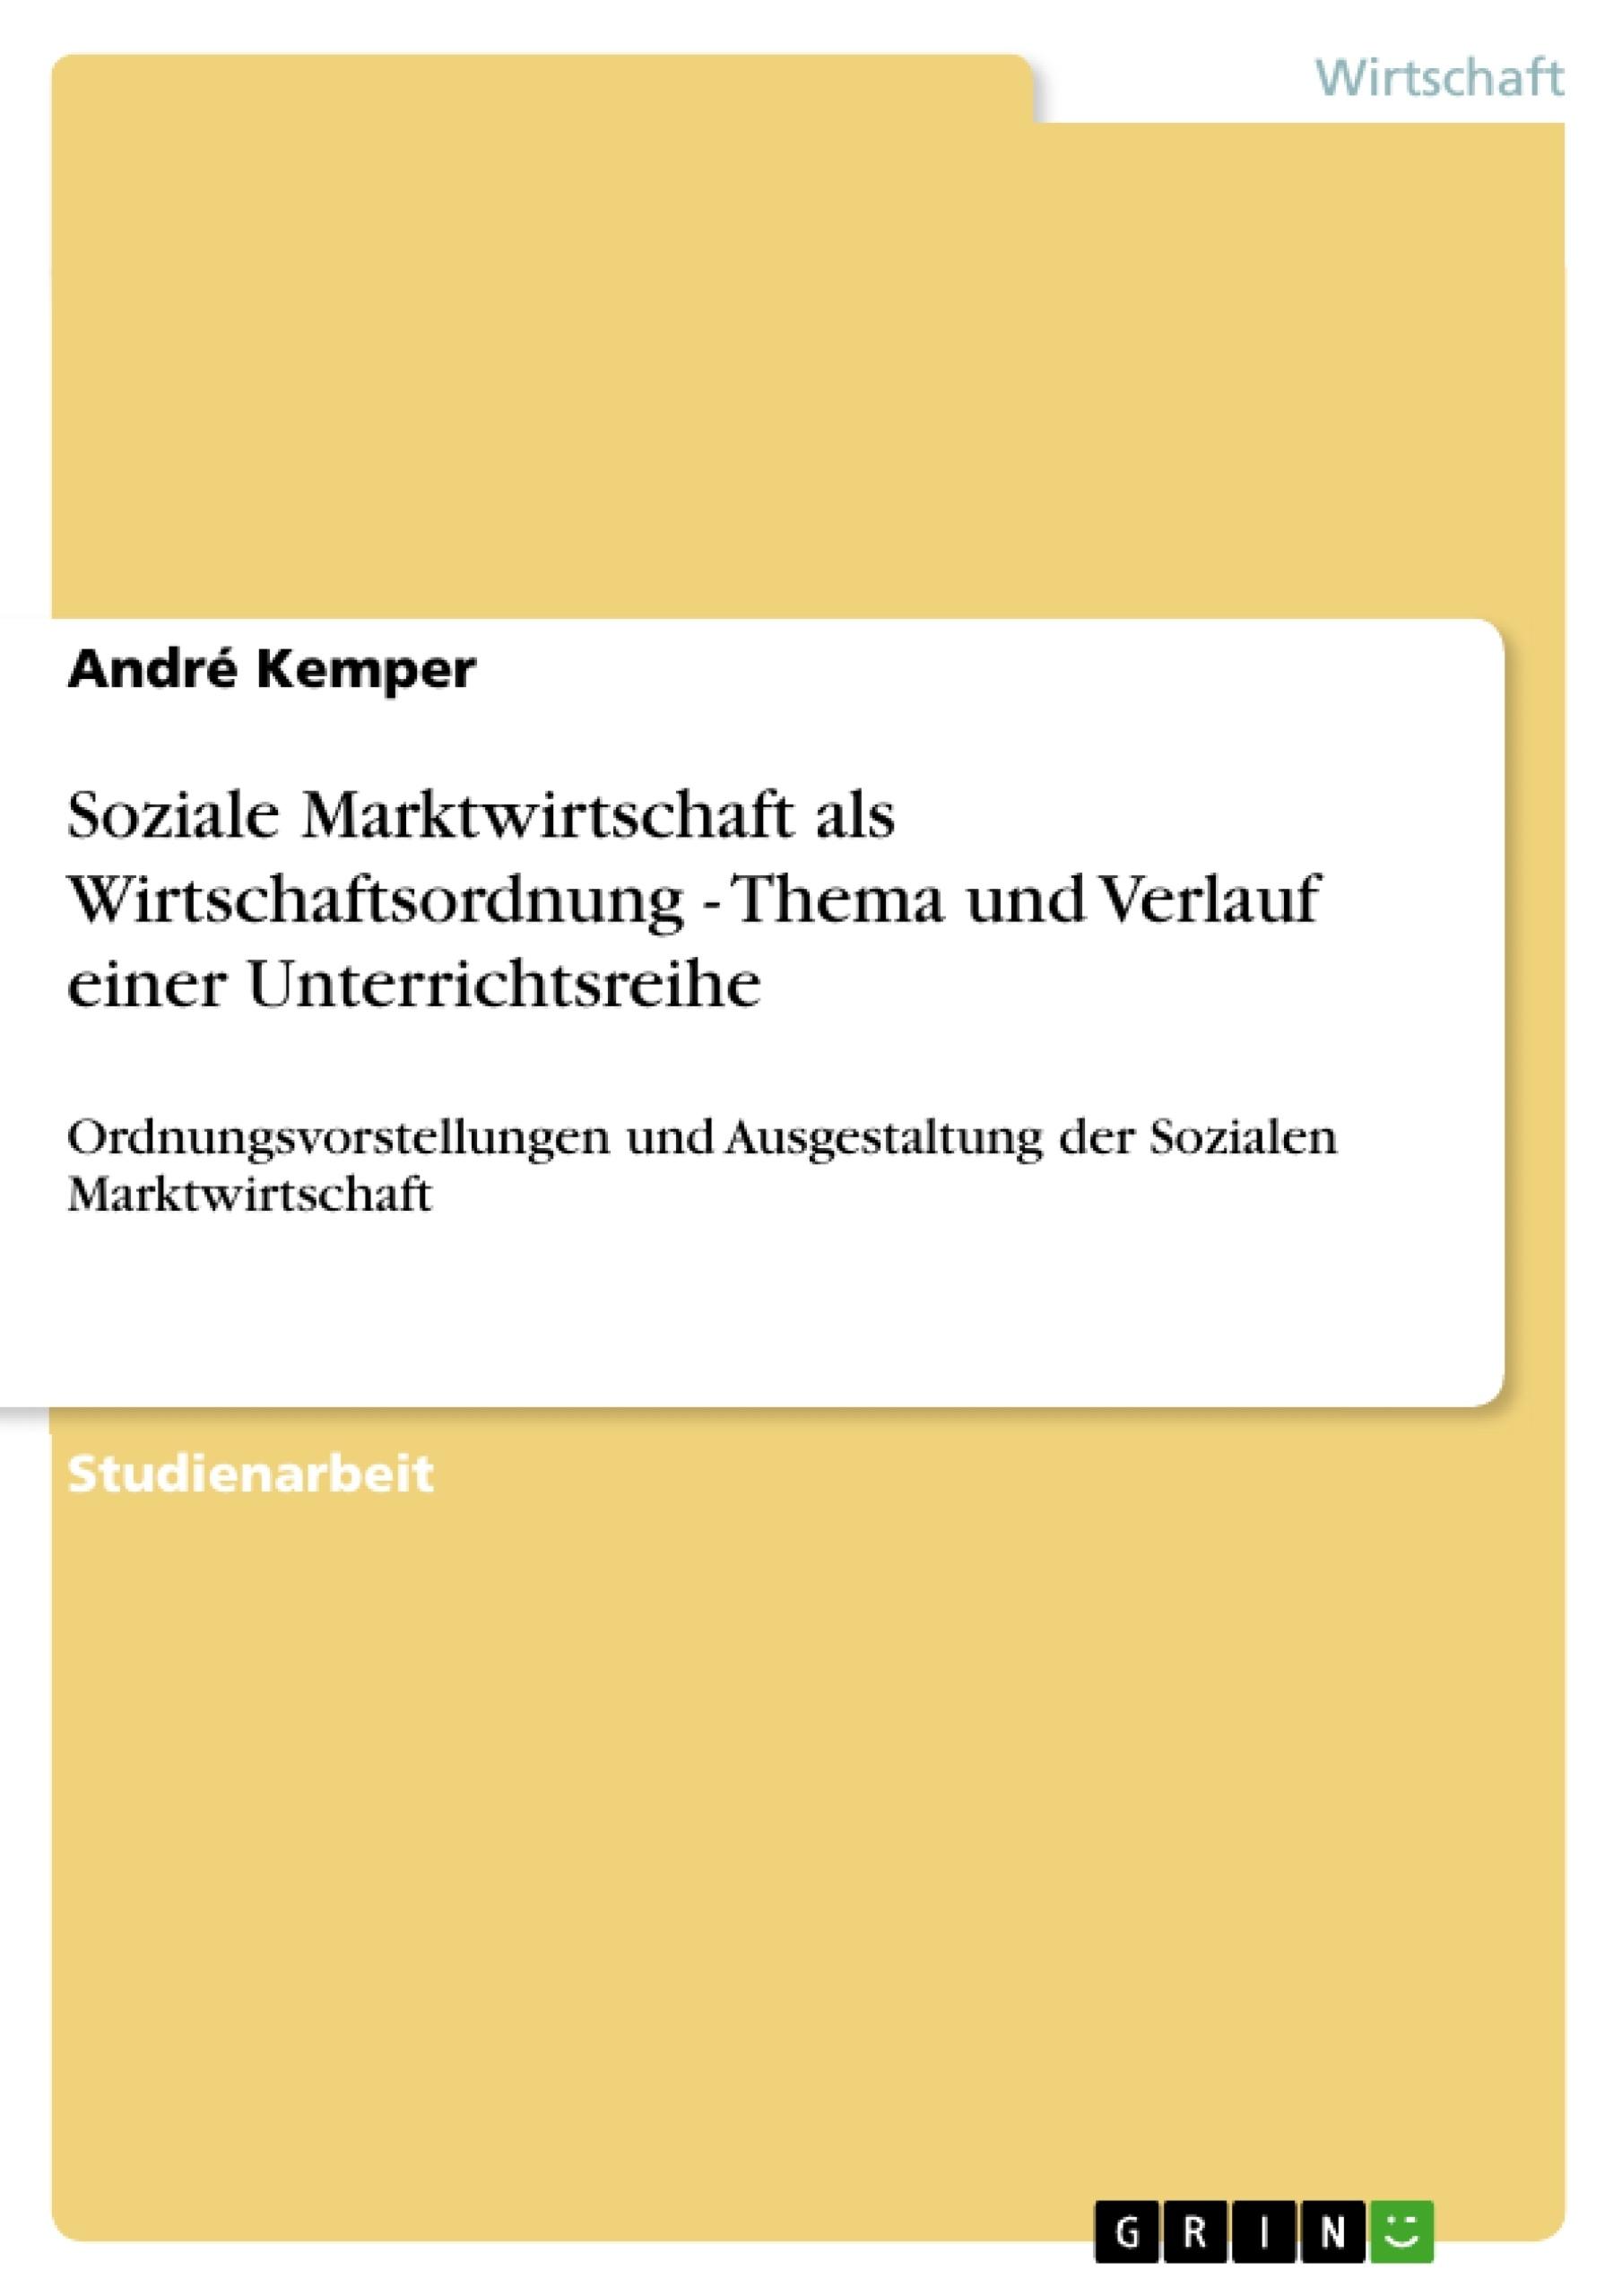 Titel: Soziale Marktwirtschaft als Wirtschaftsordnung - Thema und Verlauf einer Unterrichtsreihe